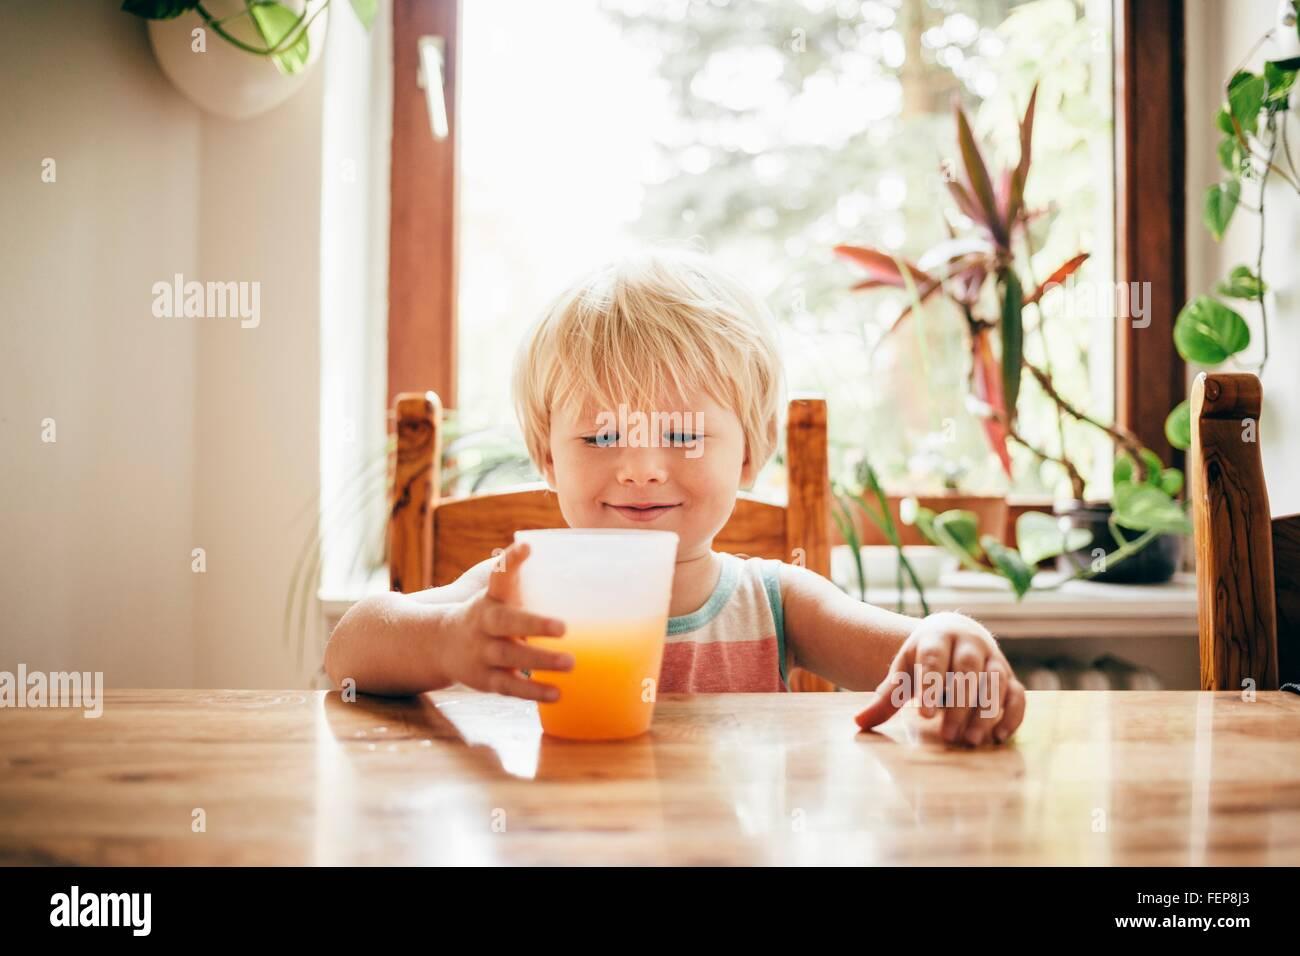 Ragazzo seduto a tavola con bicchiere di succo di arancia guardando giù sorridente Immagini Stock